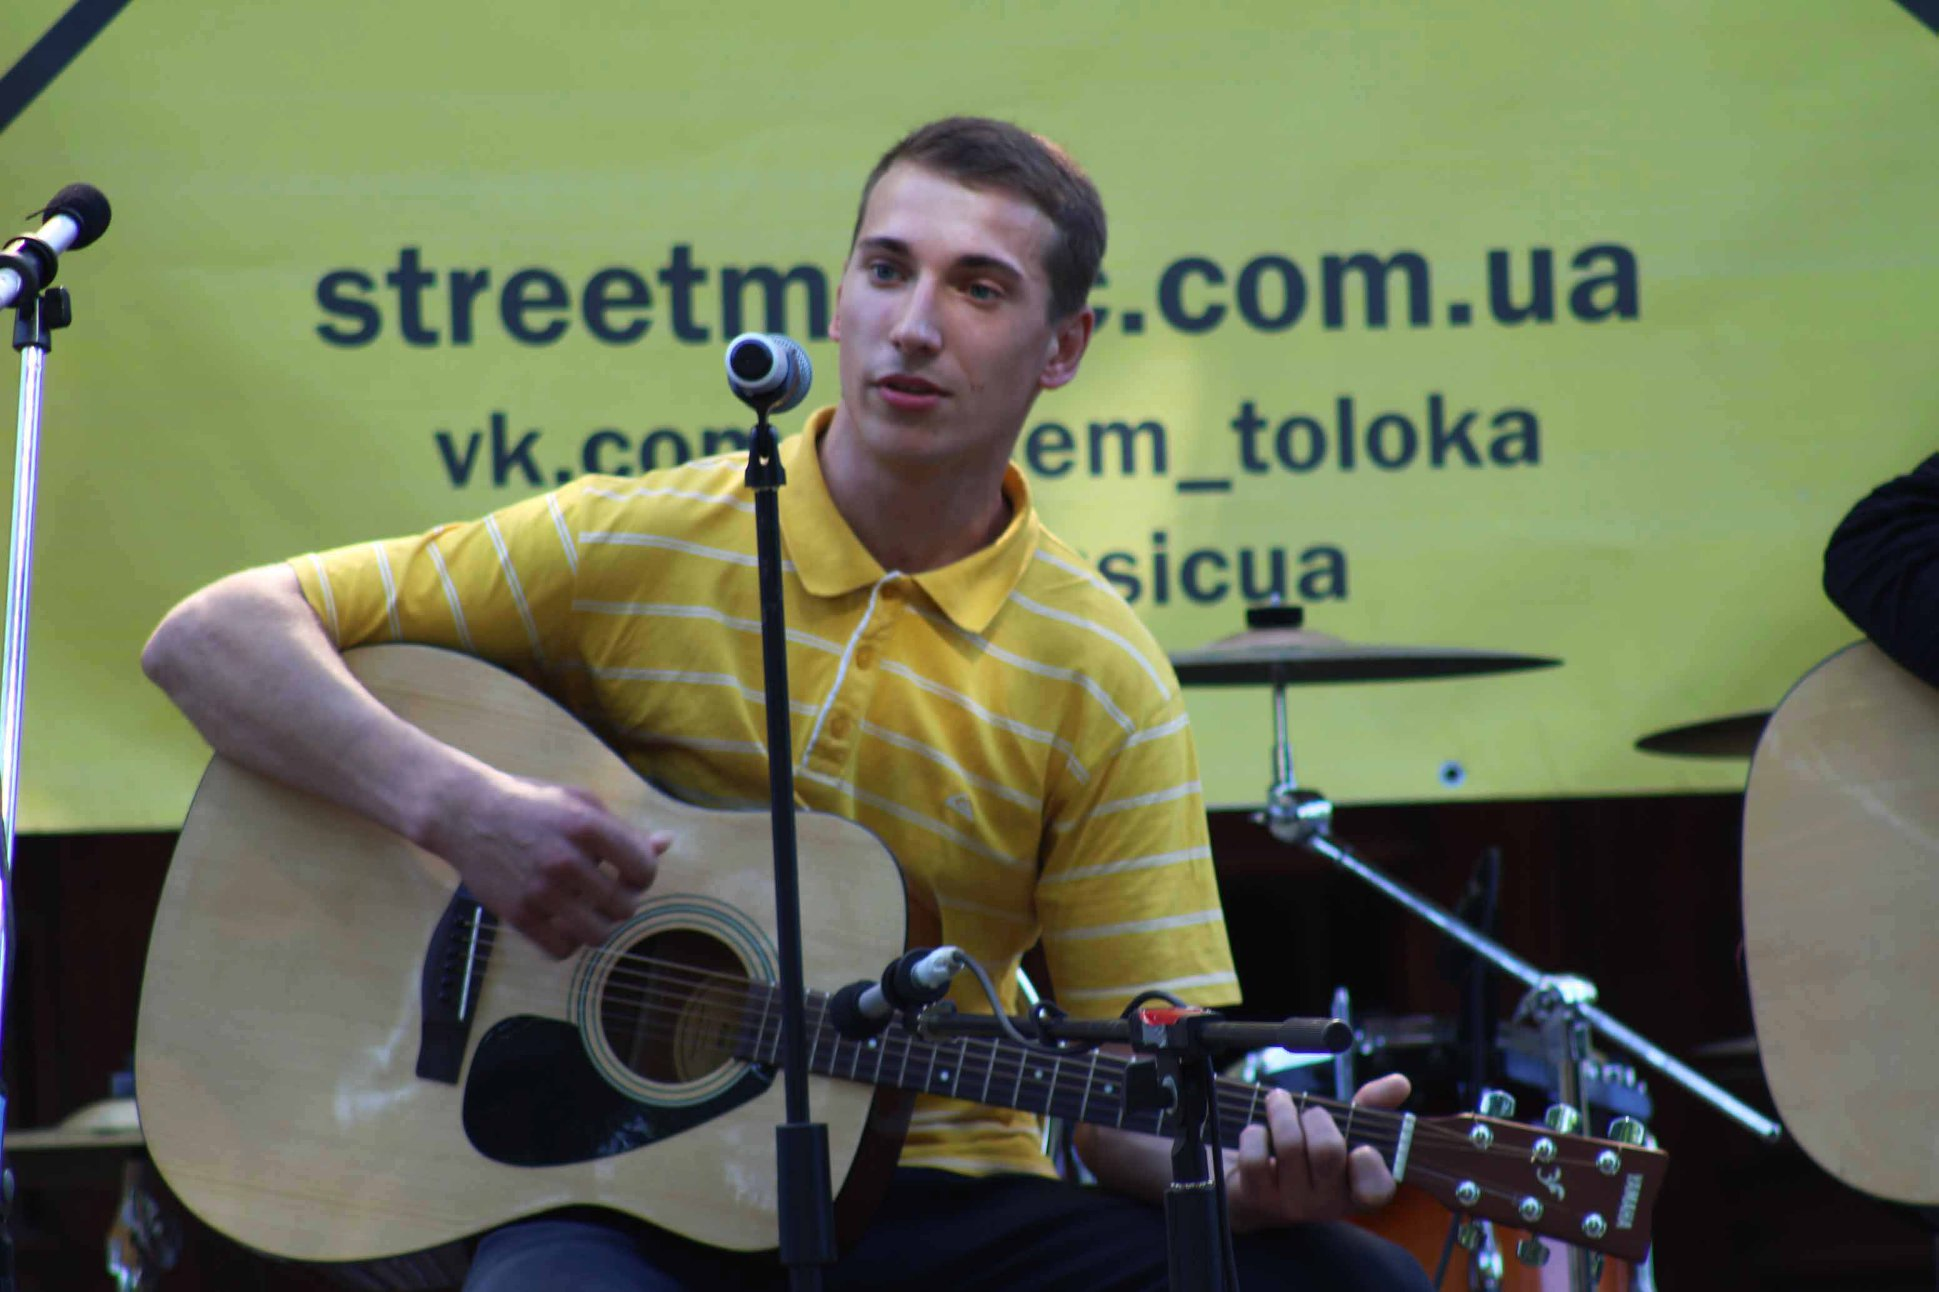 День вуличної музики у Переяславі-Хмельницькому (фото) -  - 60552908 2450870128265640 7960655109279449088 o